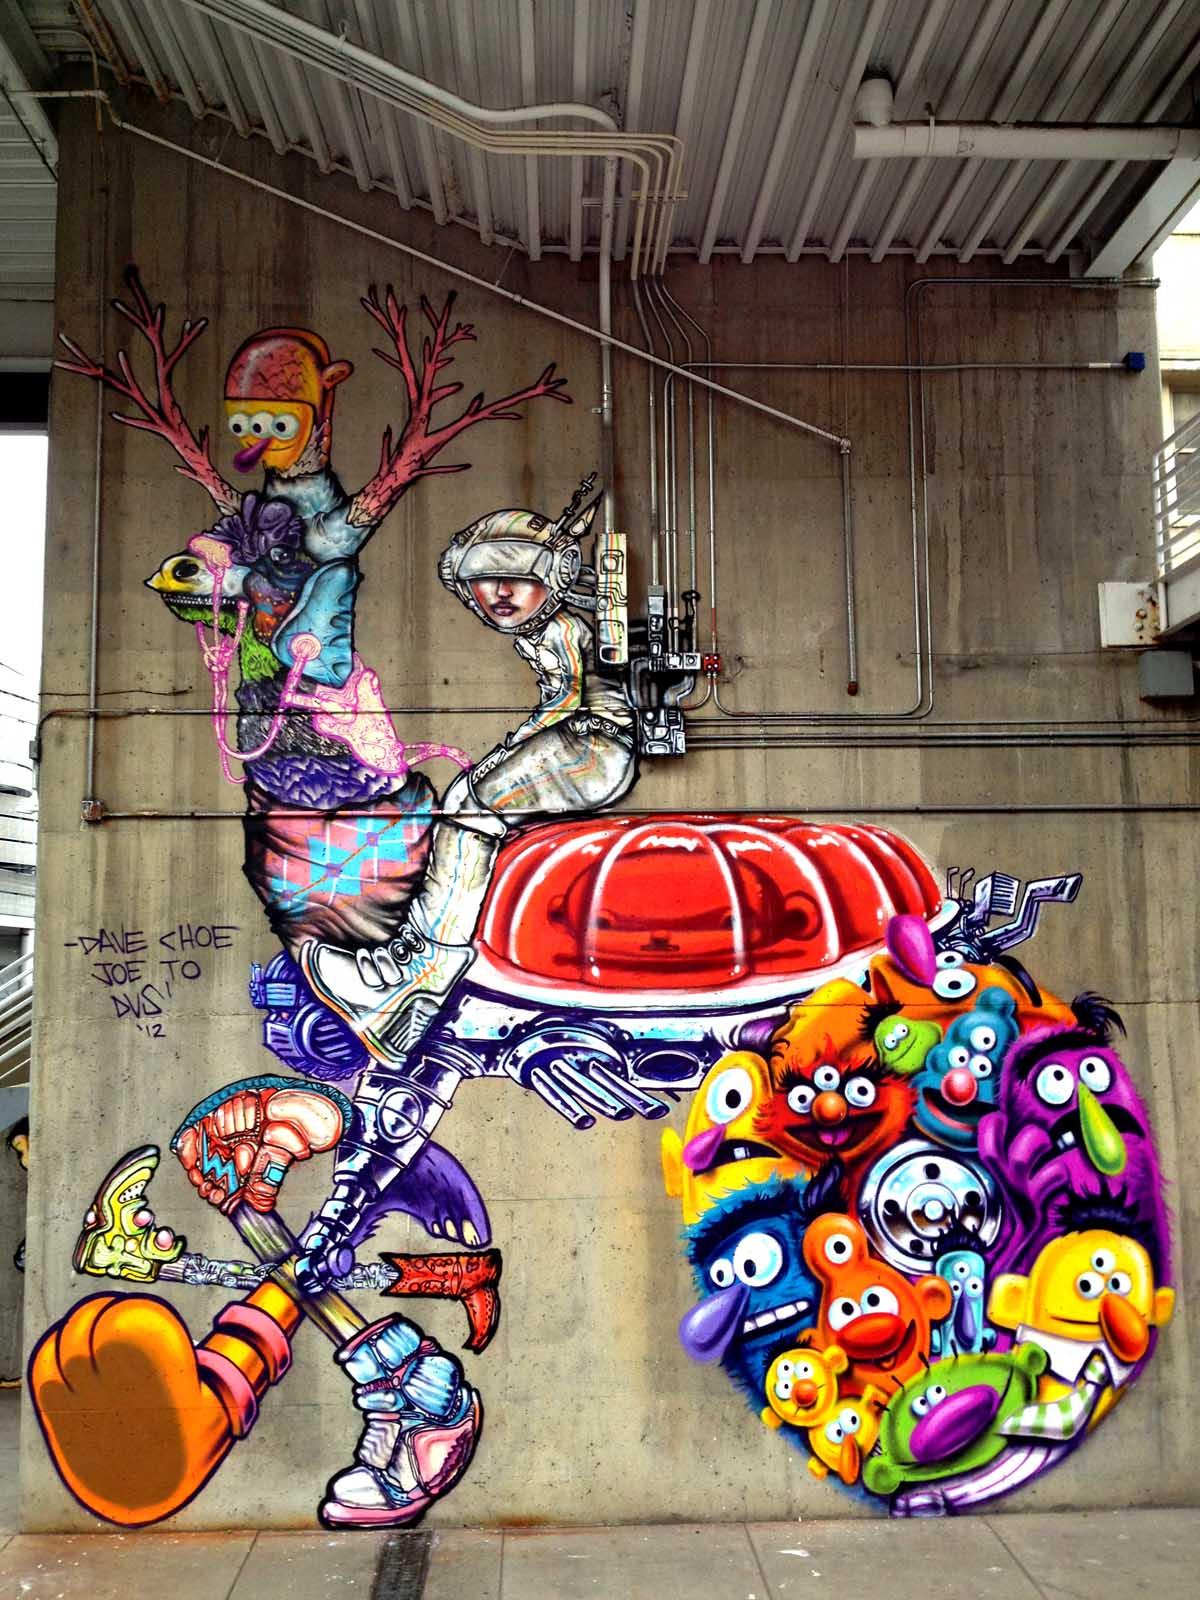 mural painting artists - graffiti artits